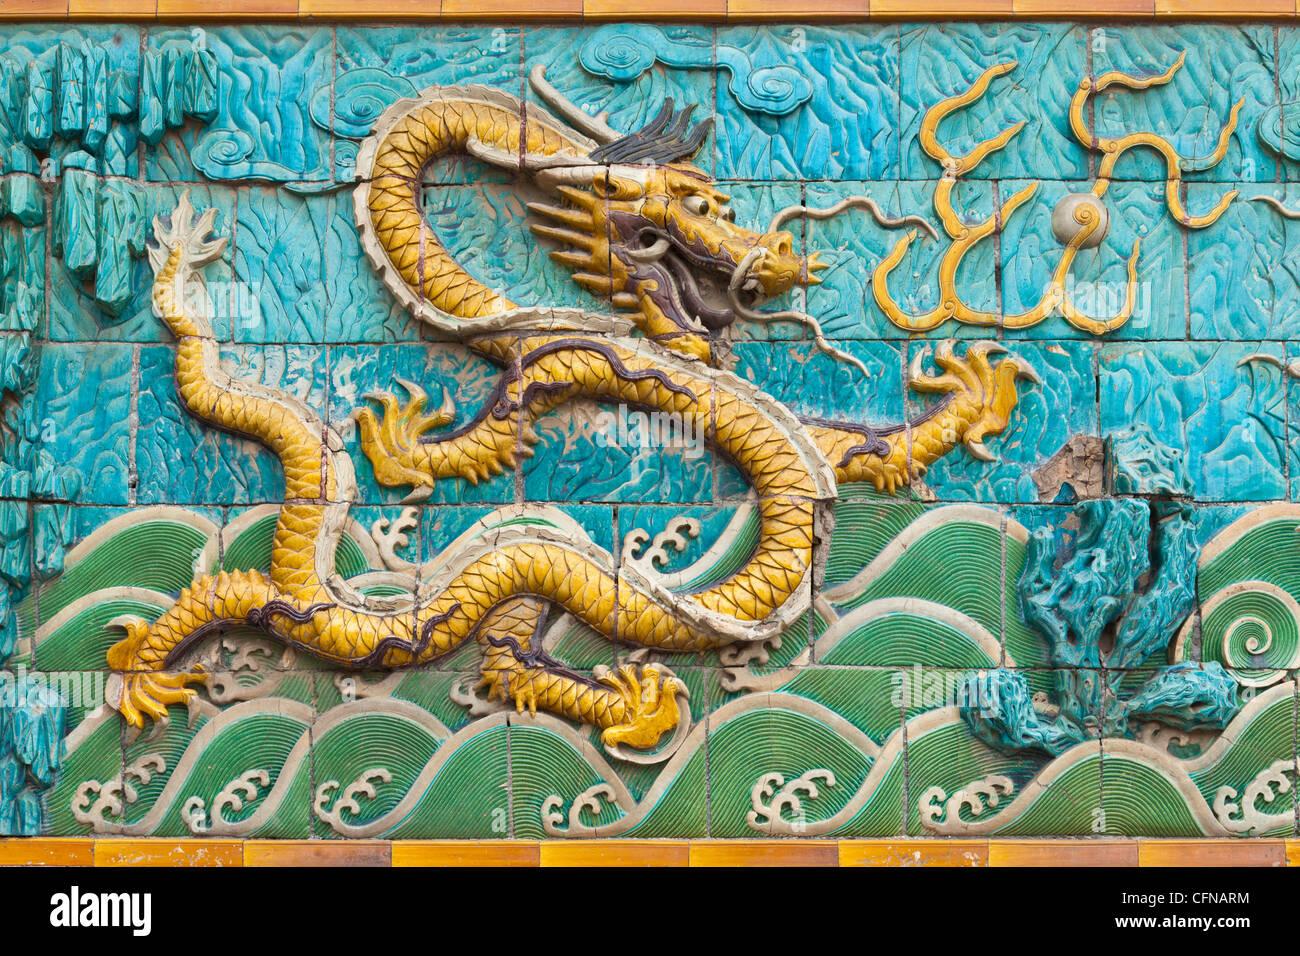 Dettaglio dei nove draghi schermo, Palazzo della tranquillità e longevità, la Città Proibita di Pechino, Immagini Stock